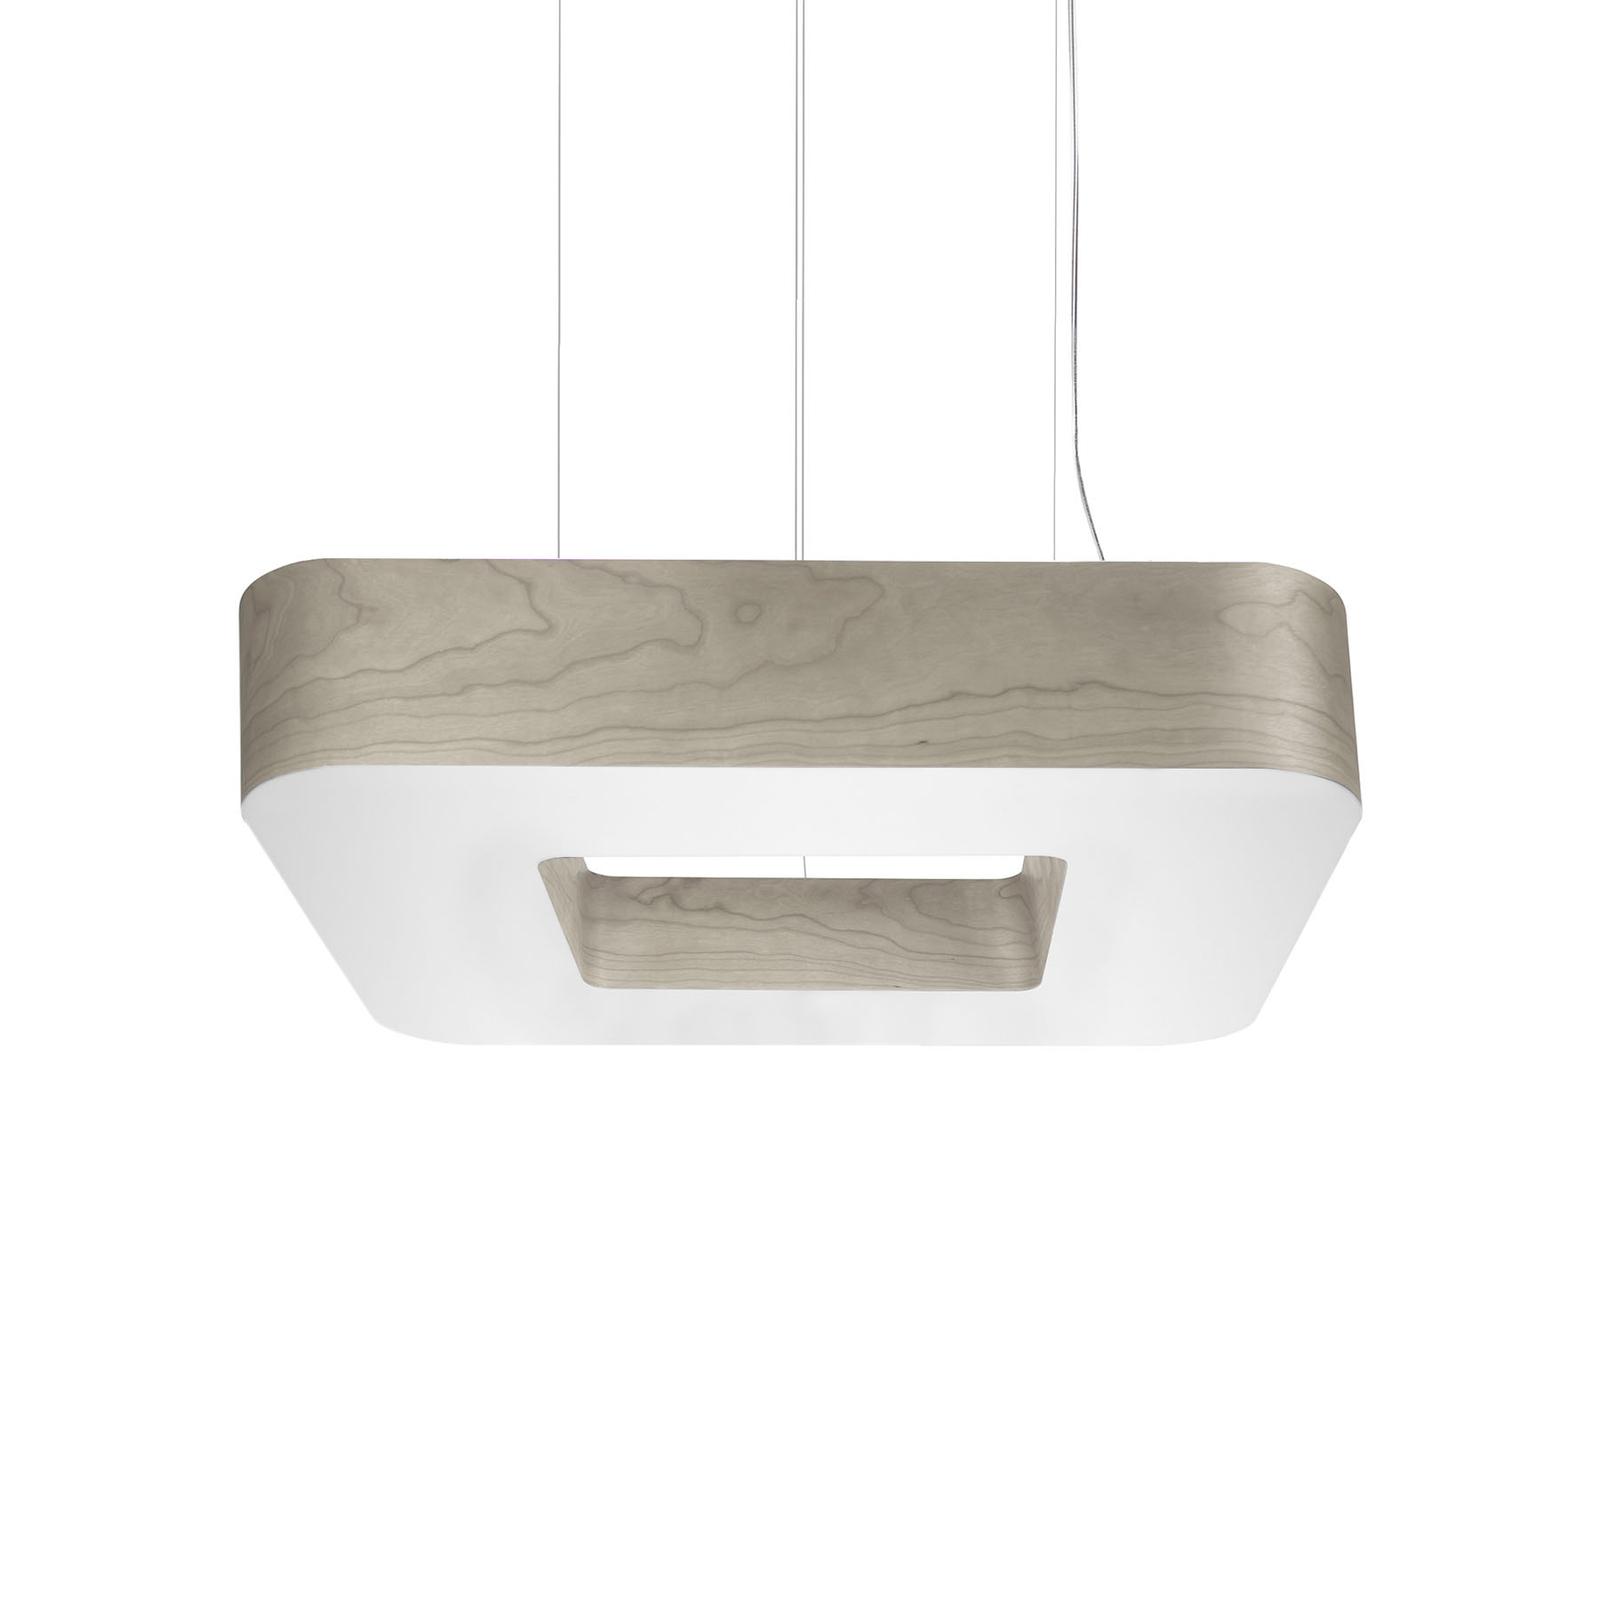 LZF Cuad LED-Hängeleuchte 0-10V dim, grau